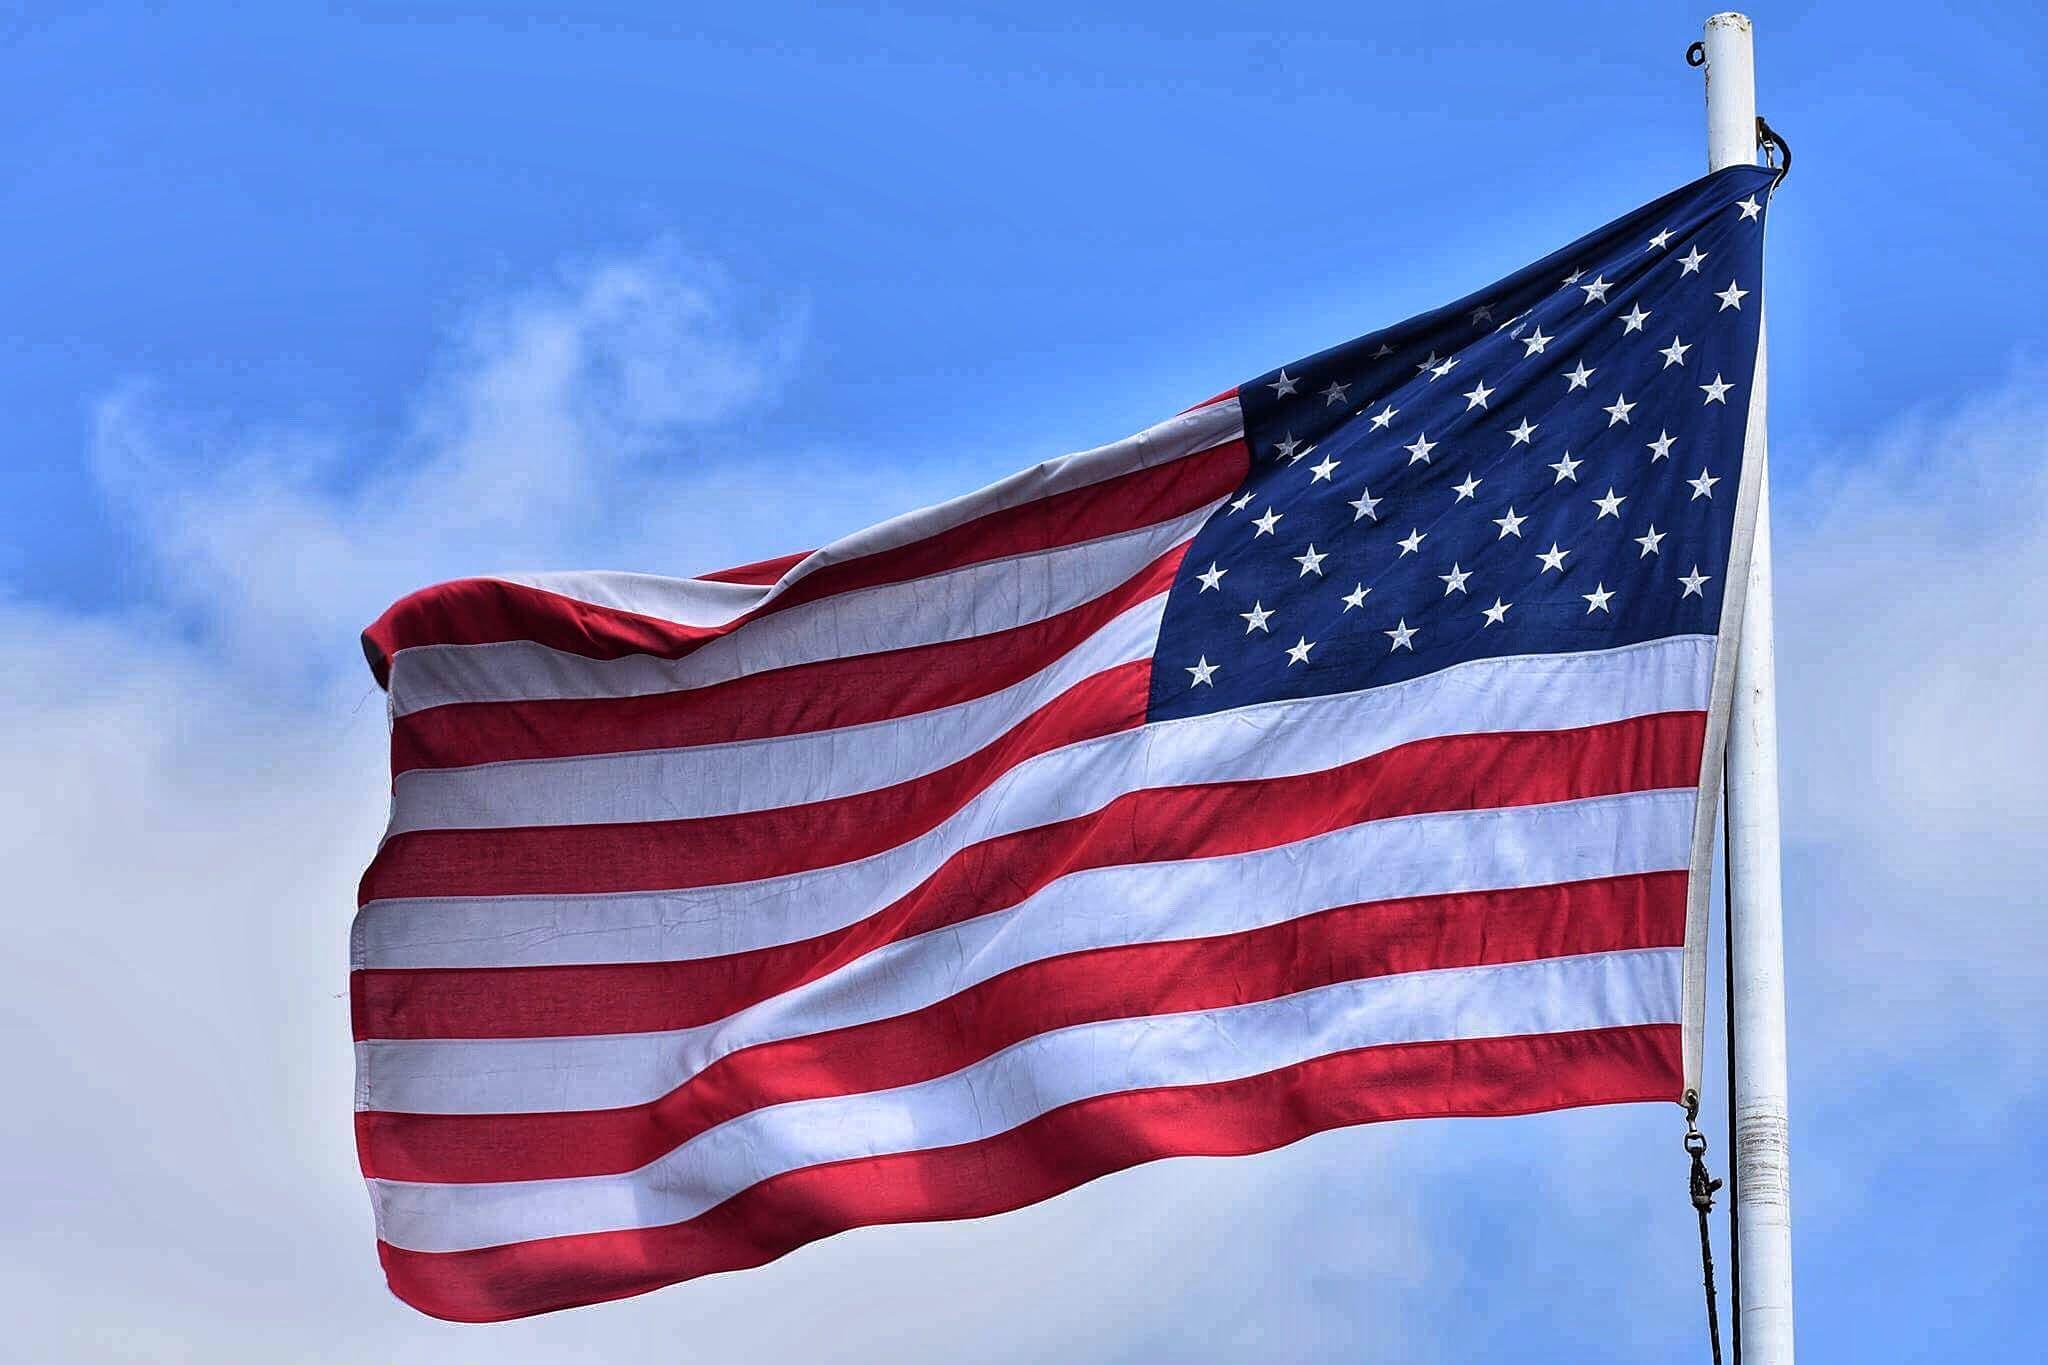 Gratis arkivbilde med Amerikansk flagg, flaggstang, himmel, memorial day